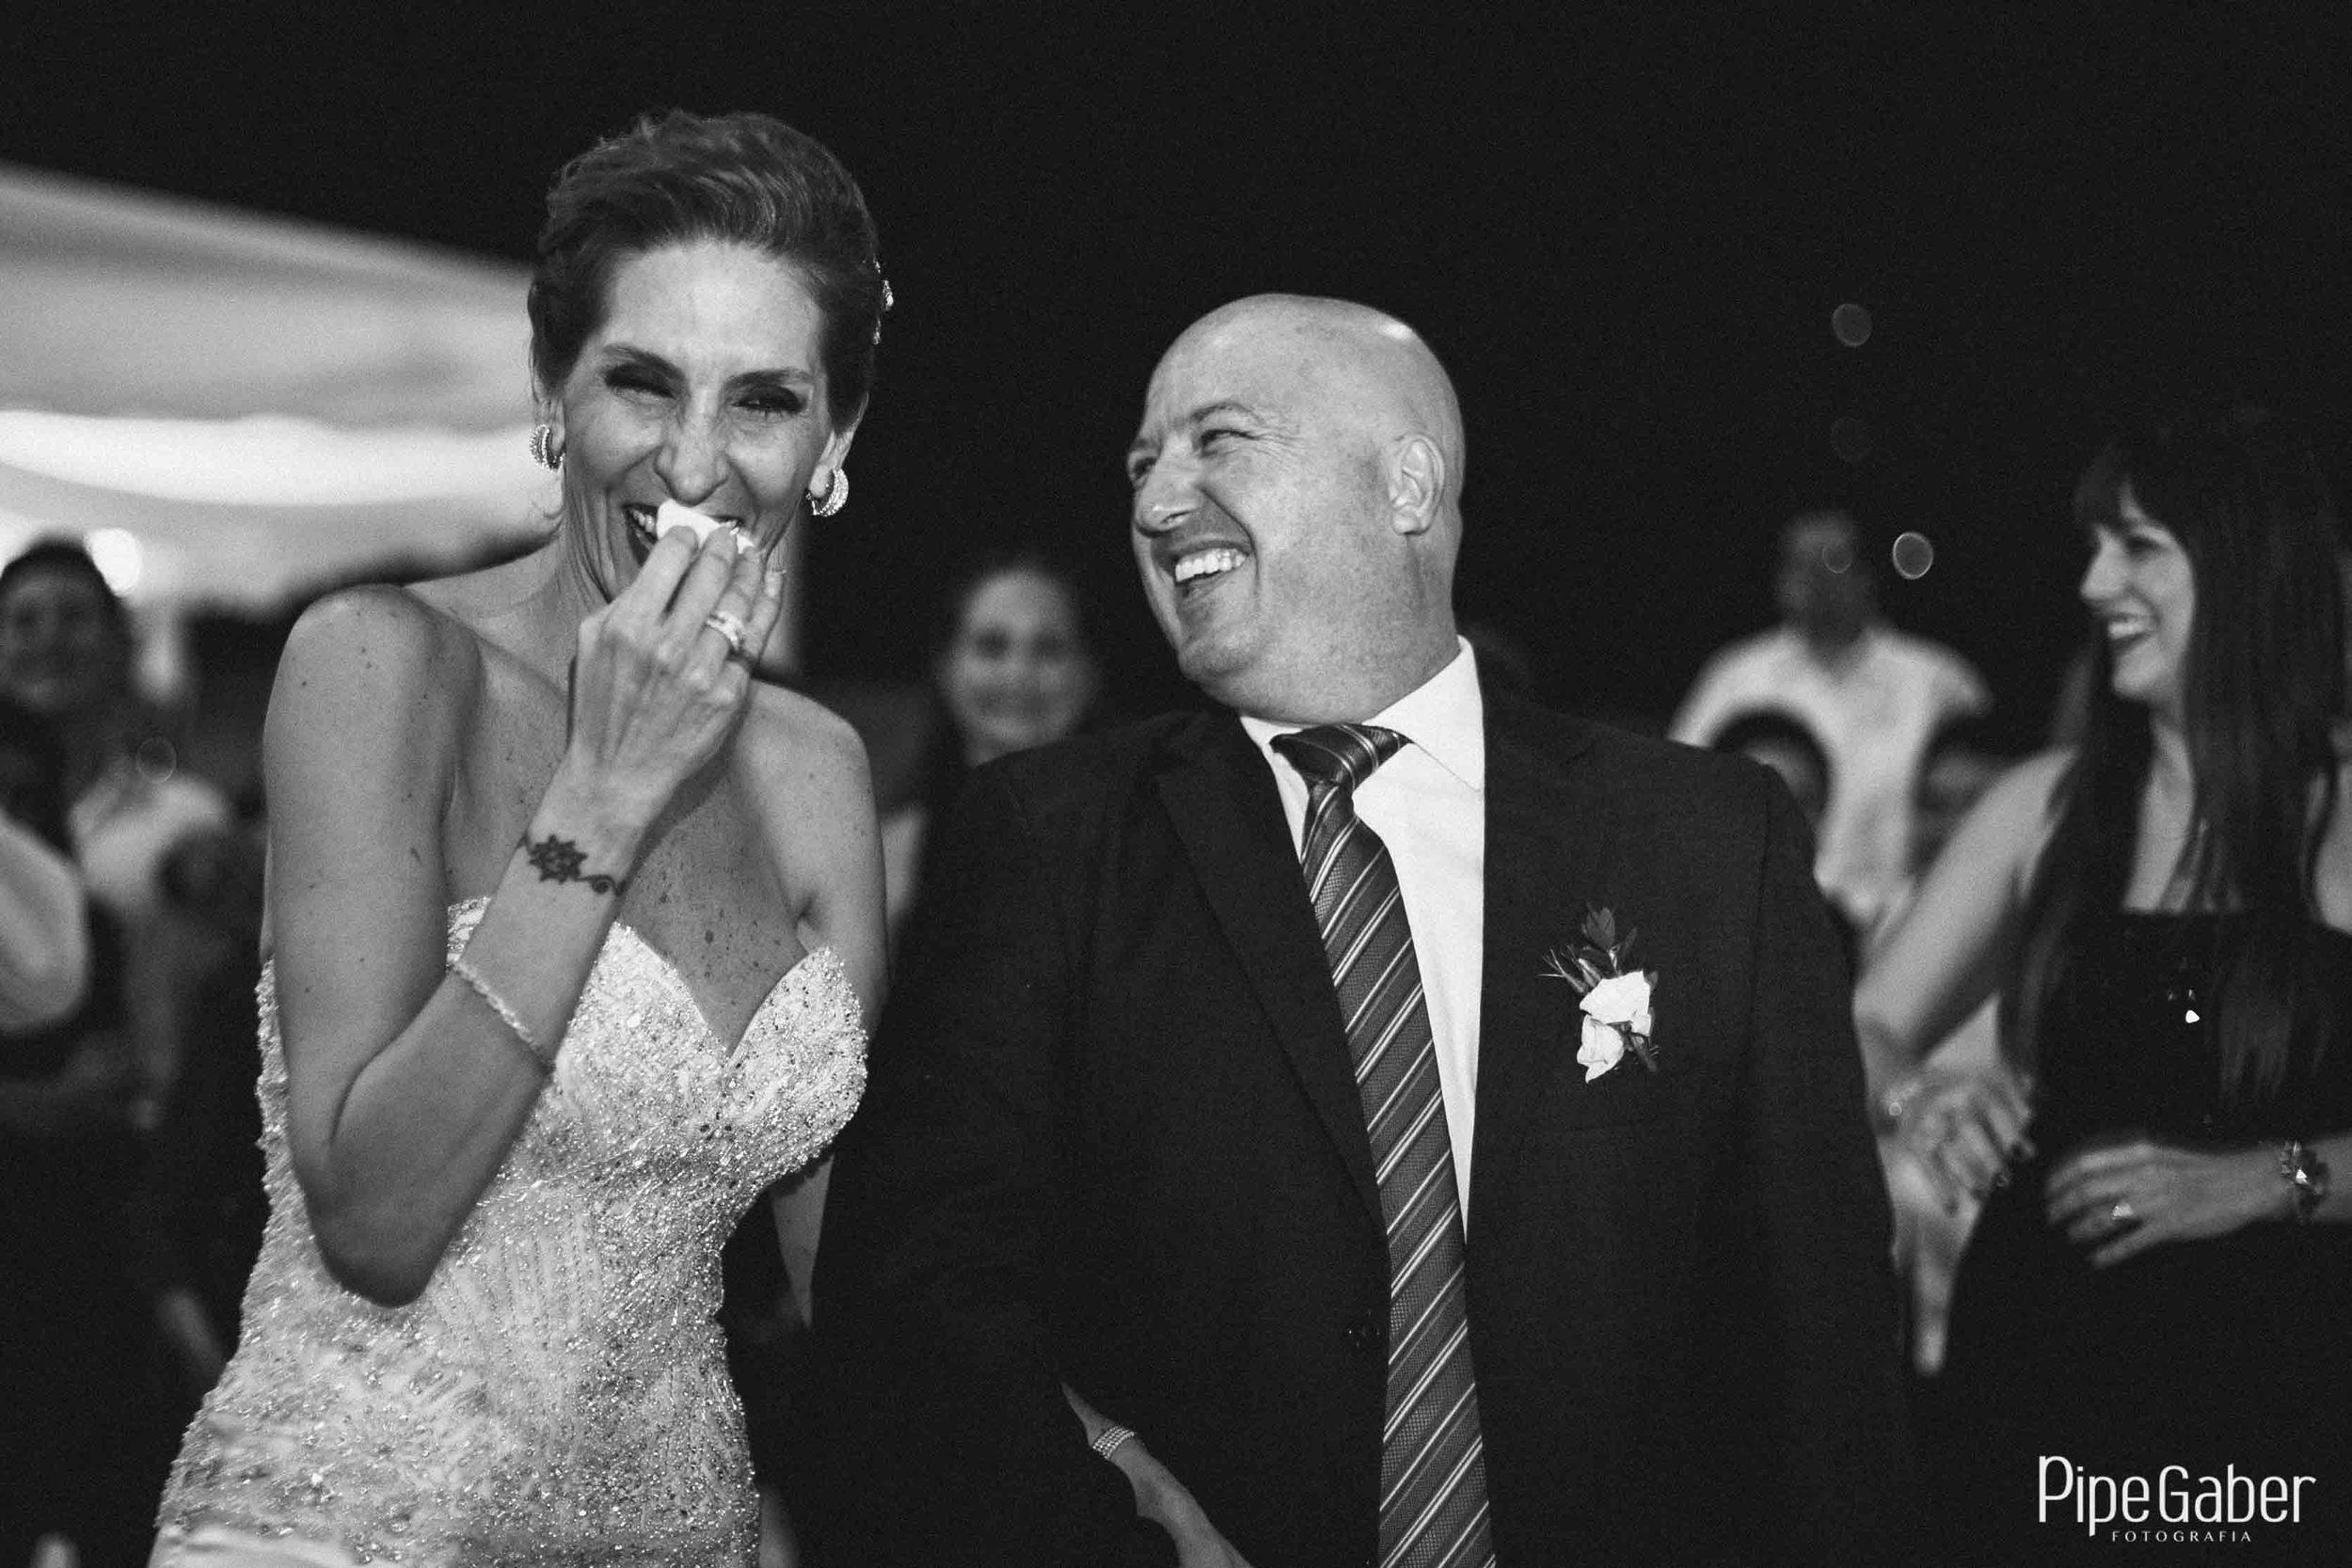 pipe_fotografo_yucatan_merida_boda_wedding_los_aluxes_hotel_photography_05.jpg